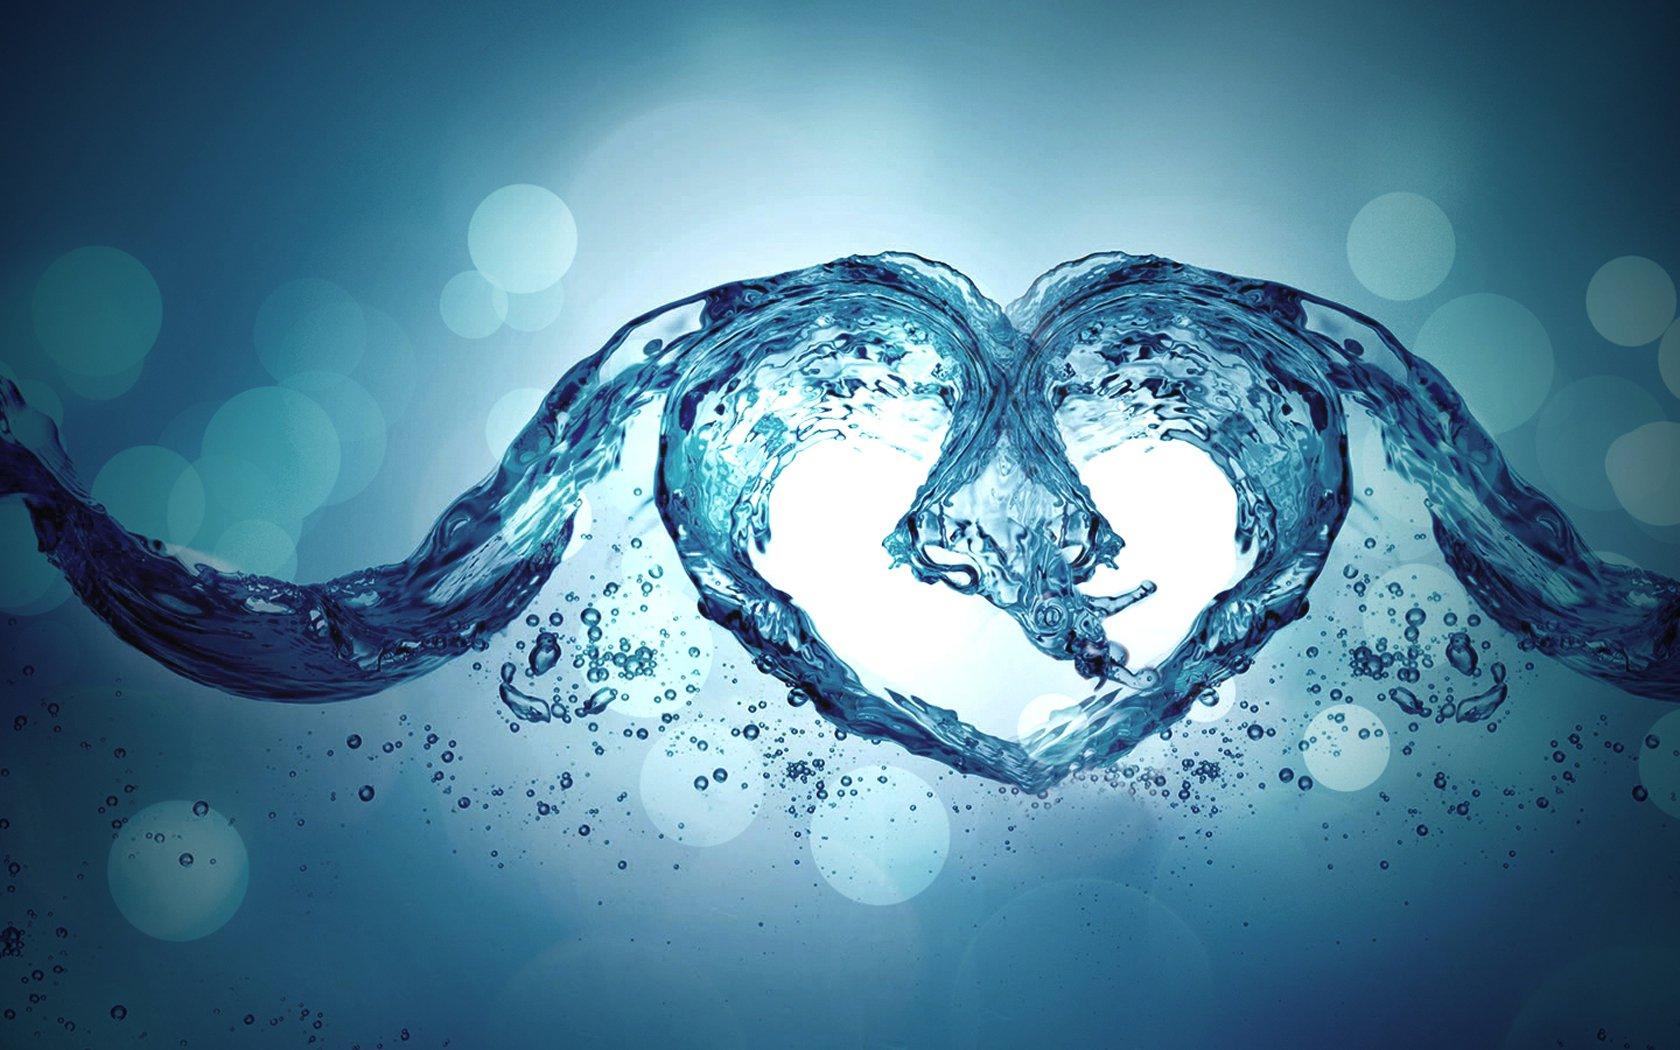 صور قلوب وحب ورومانسية وصورة قلب HD  (28)